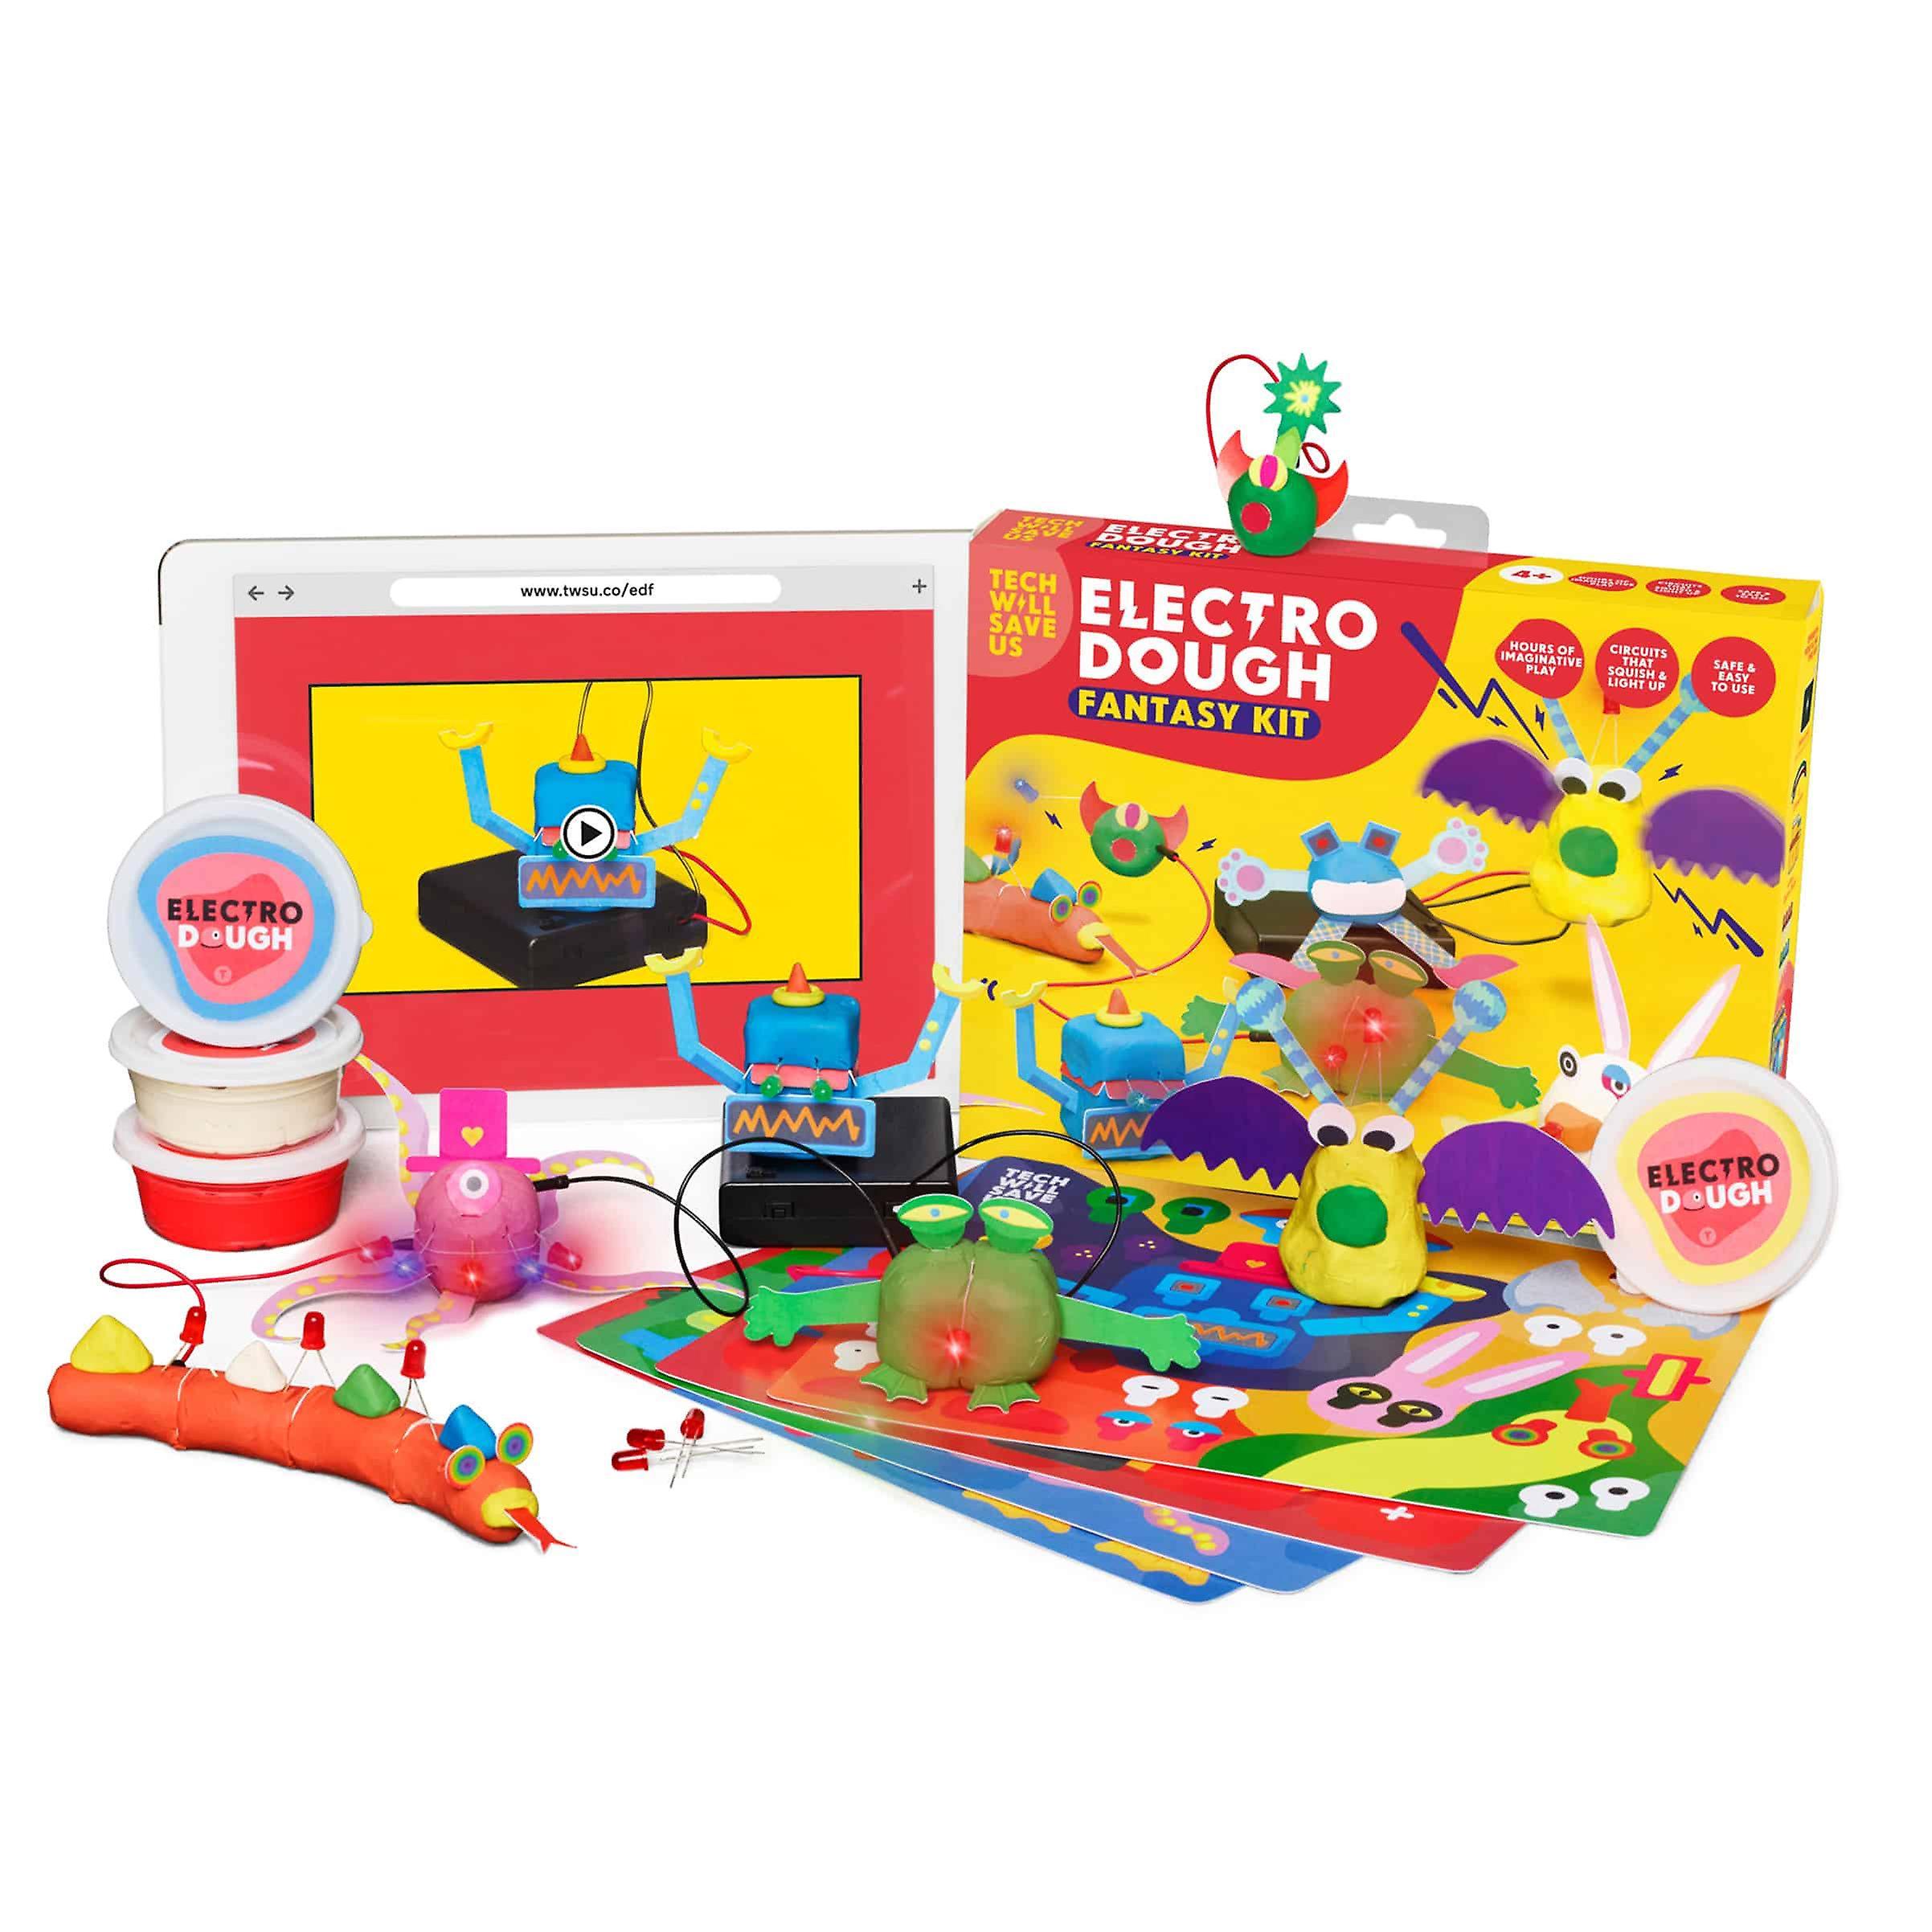 Tech wird uns Elektro Teig Fantasy Kit sparen | Pädagogischesteam Spielzeug, Ab 4 Jahren